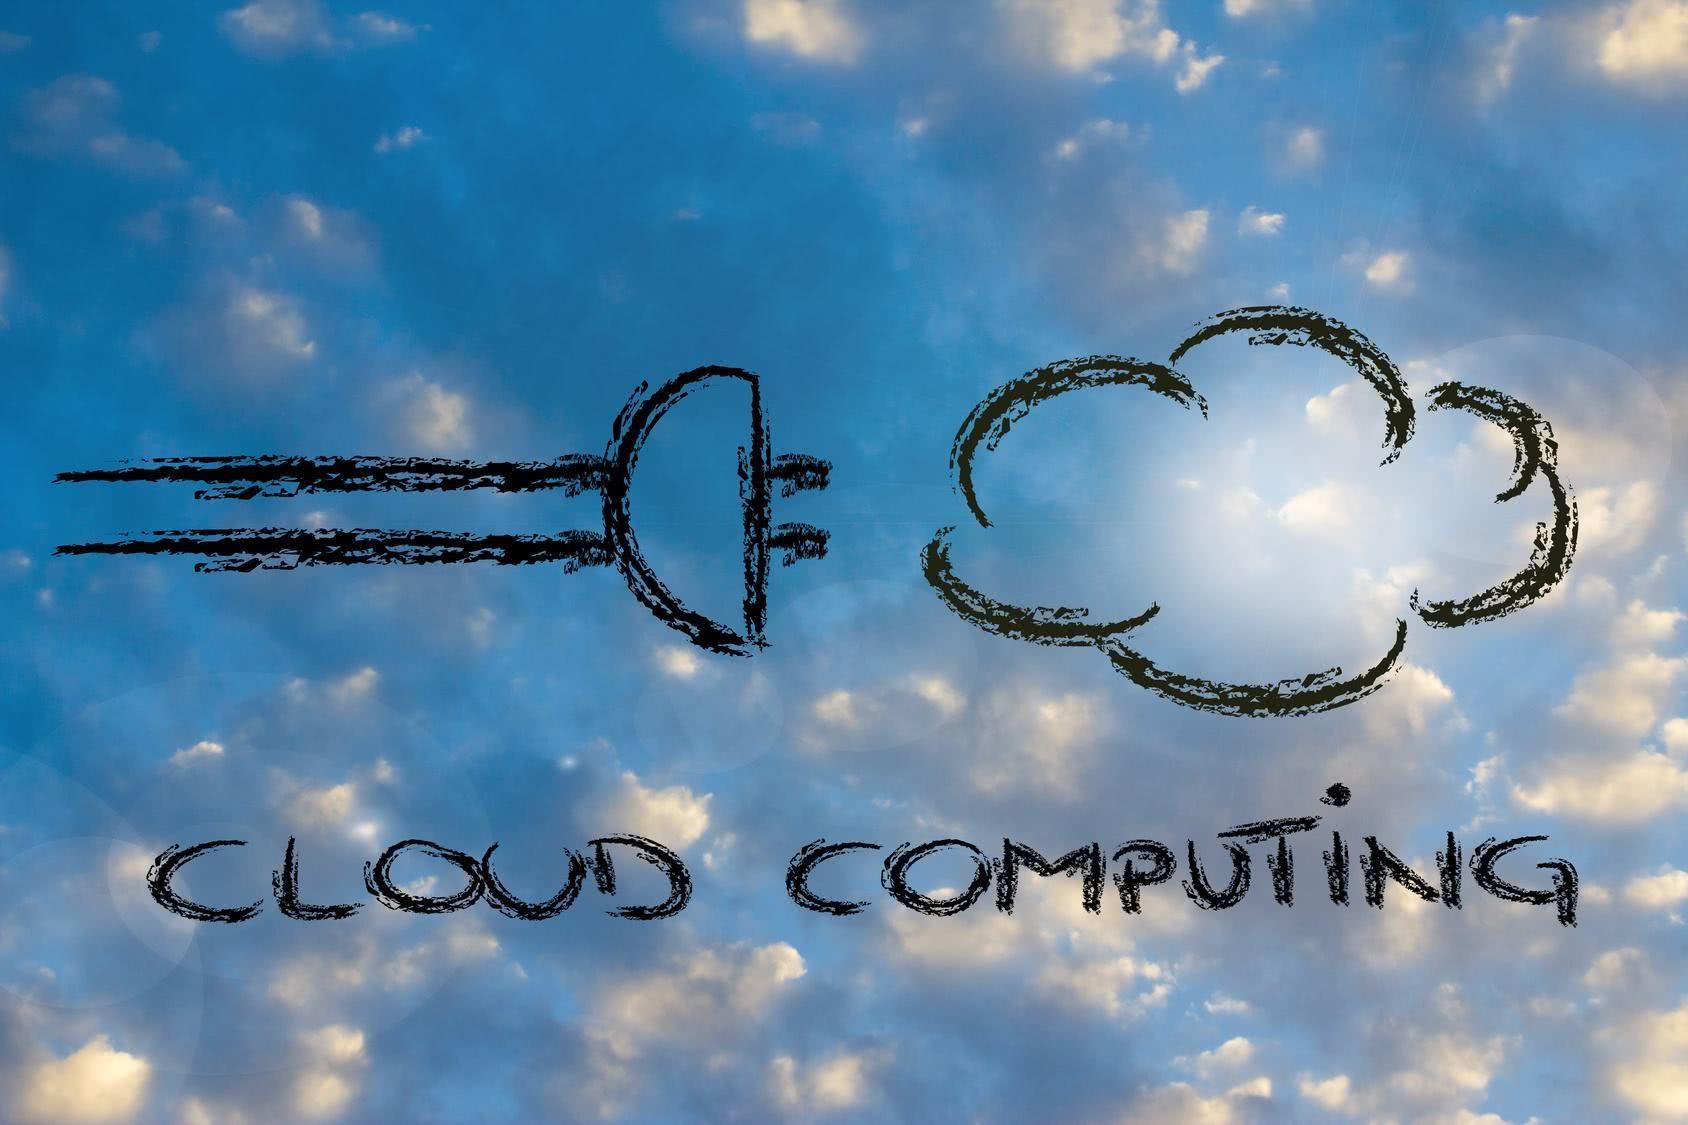 云计算工程师需要懂的知识2串1什么意思